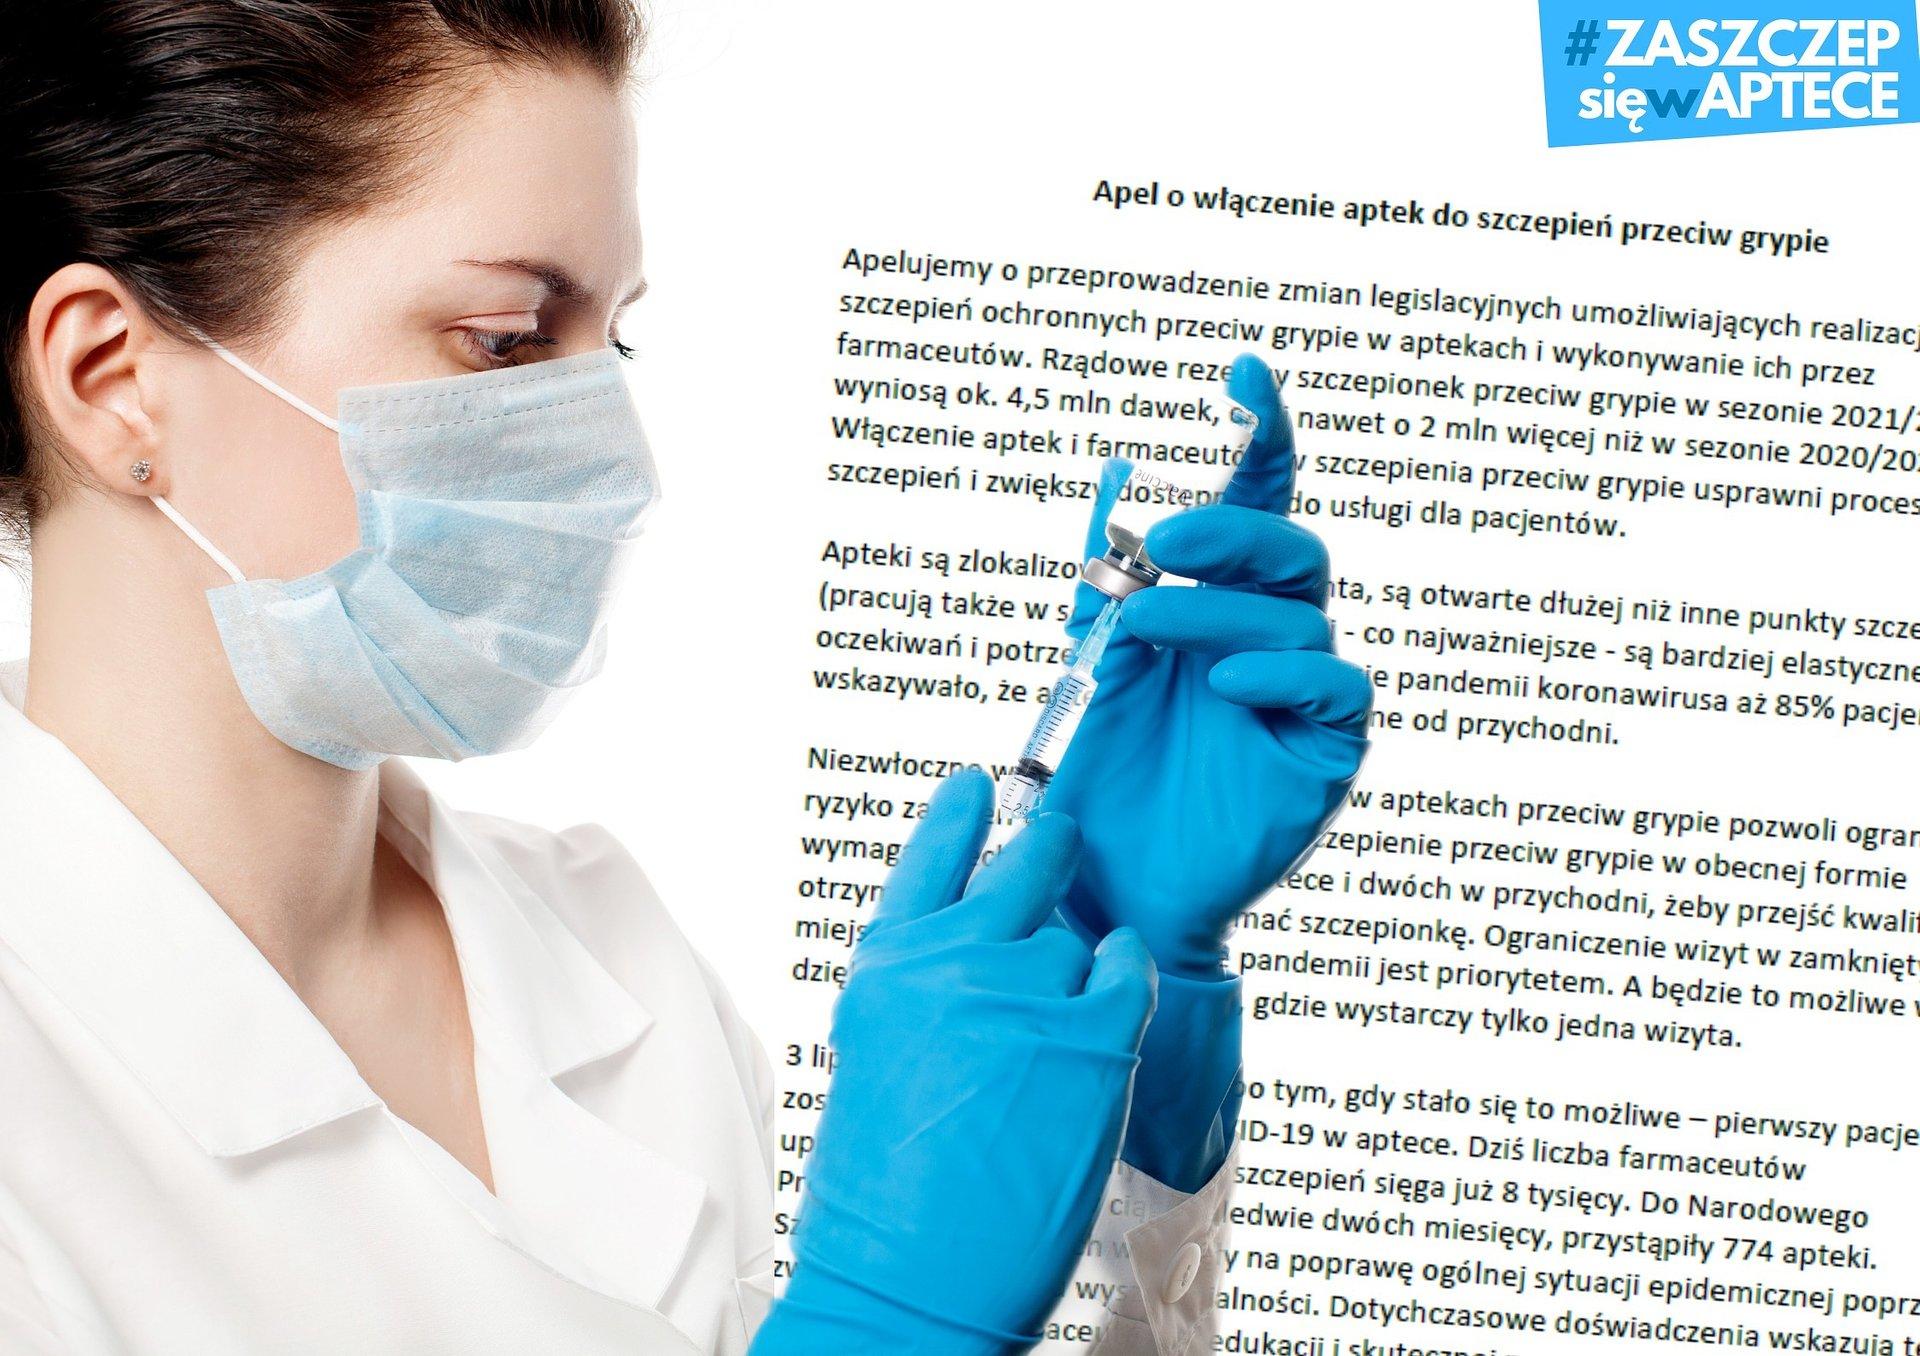 Apelujemy o włączenie aptek i farmaceutów do szczepień przeciw grypie!